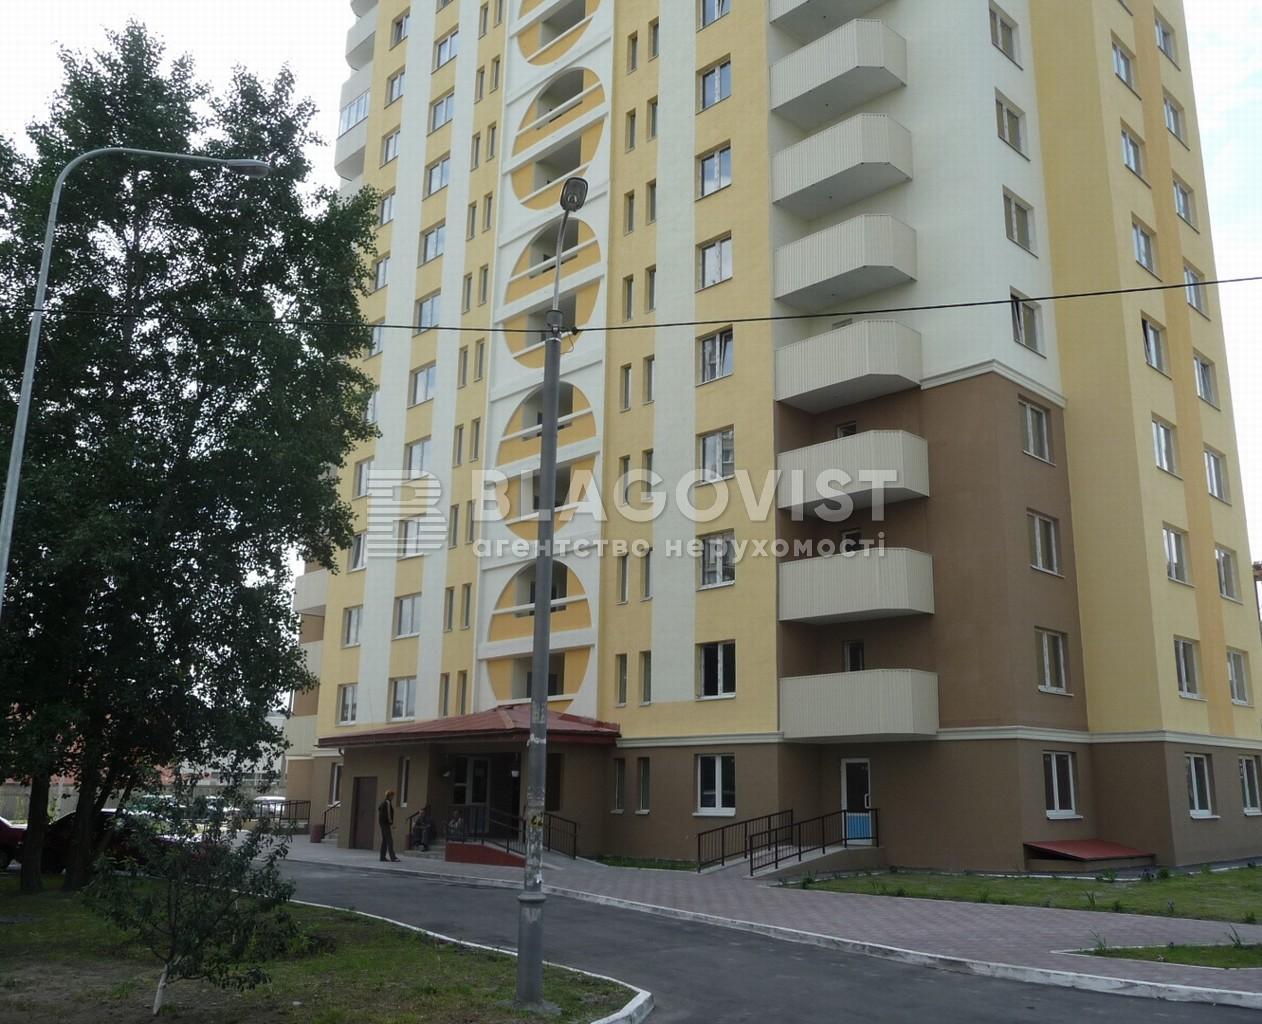 Квартира F-35458, Хорольская, 1а, Киев - Фото 3